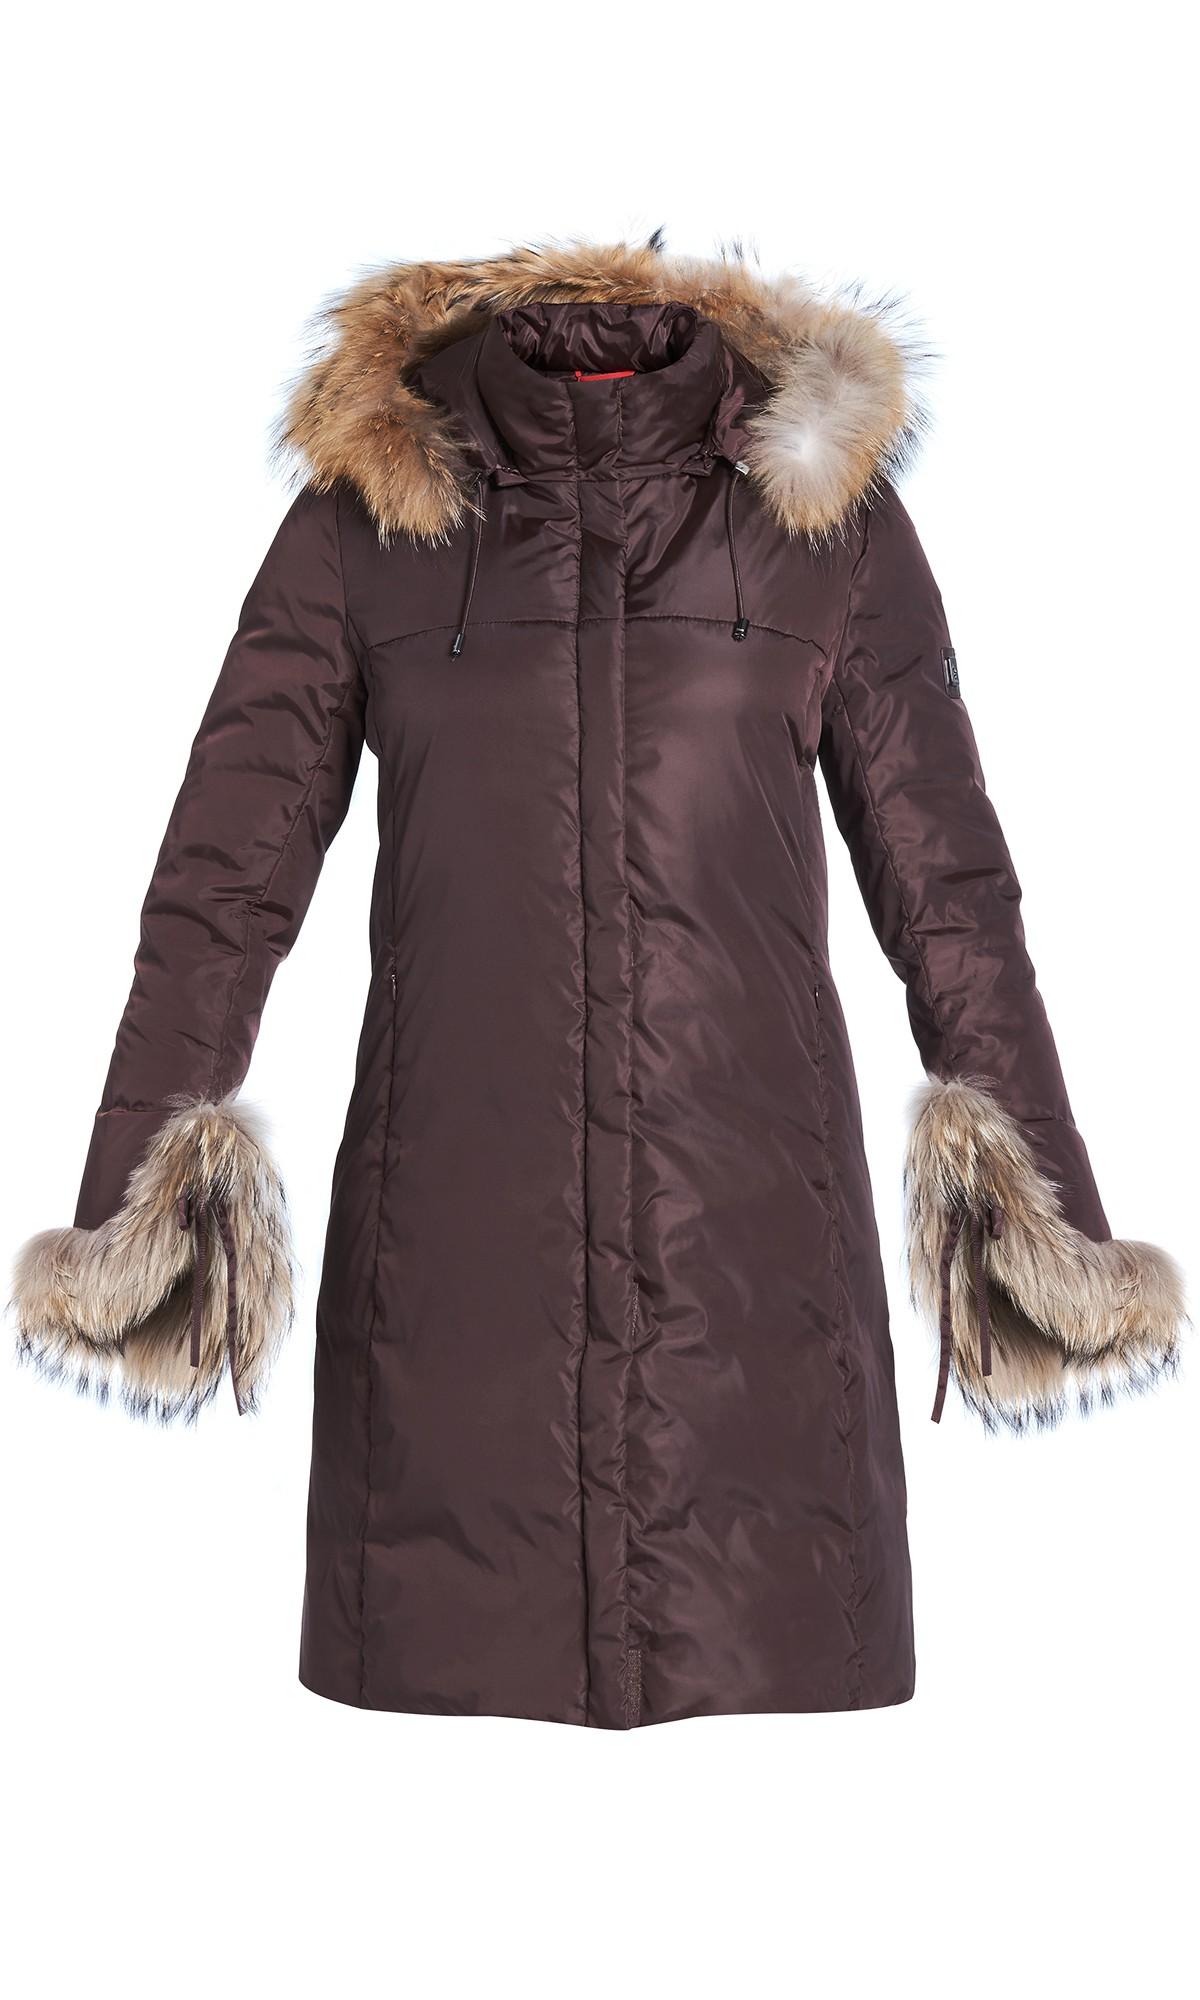 Kurtka zimowa Tiffi z kapturem w kolorze brązowym, puchowa, futro